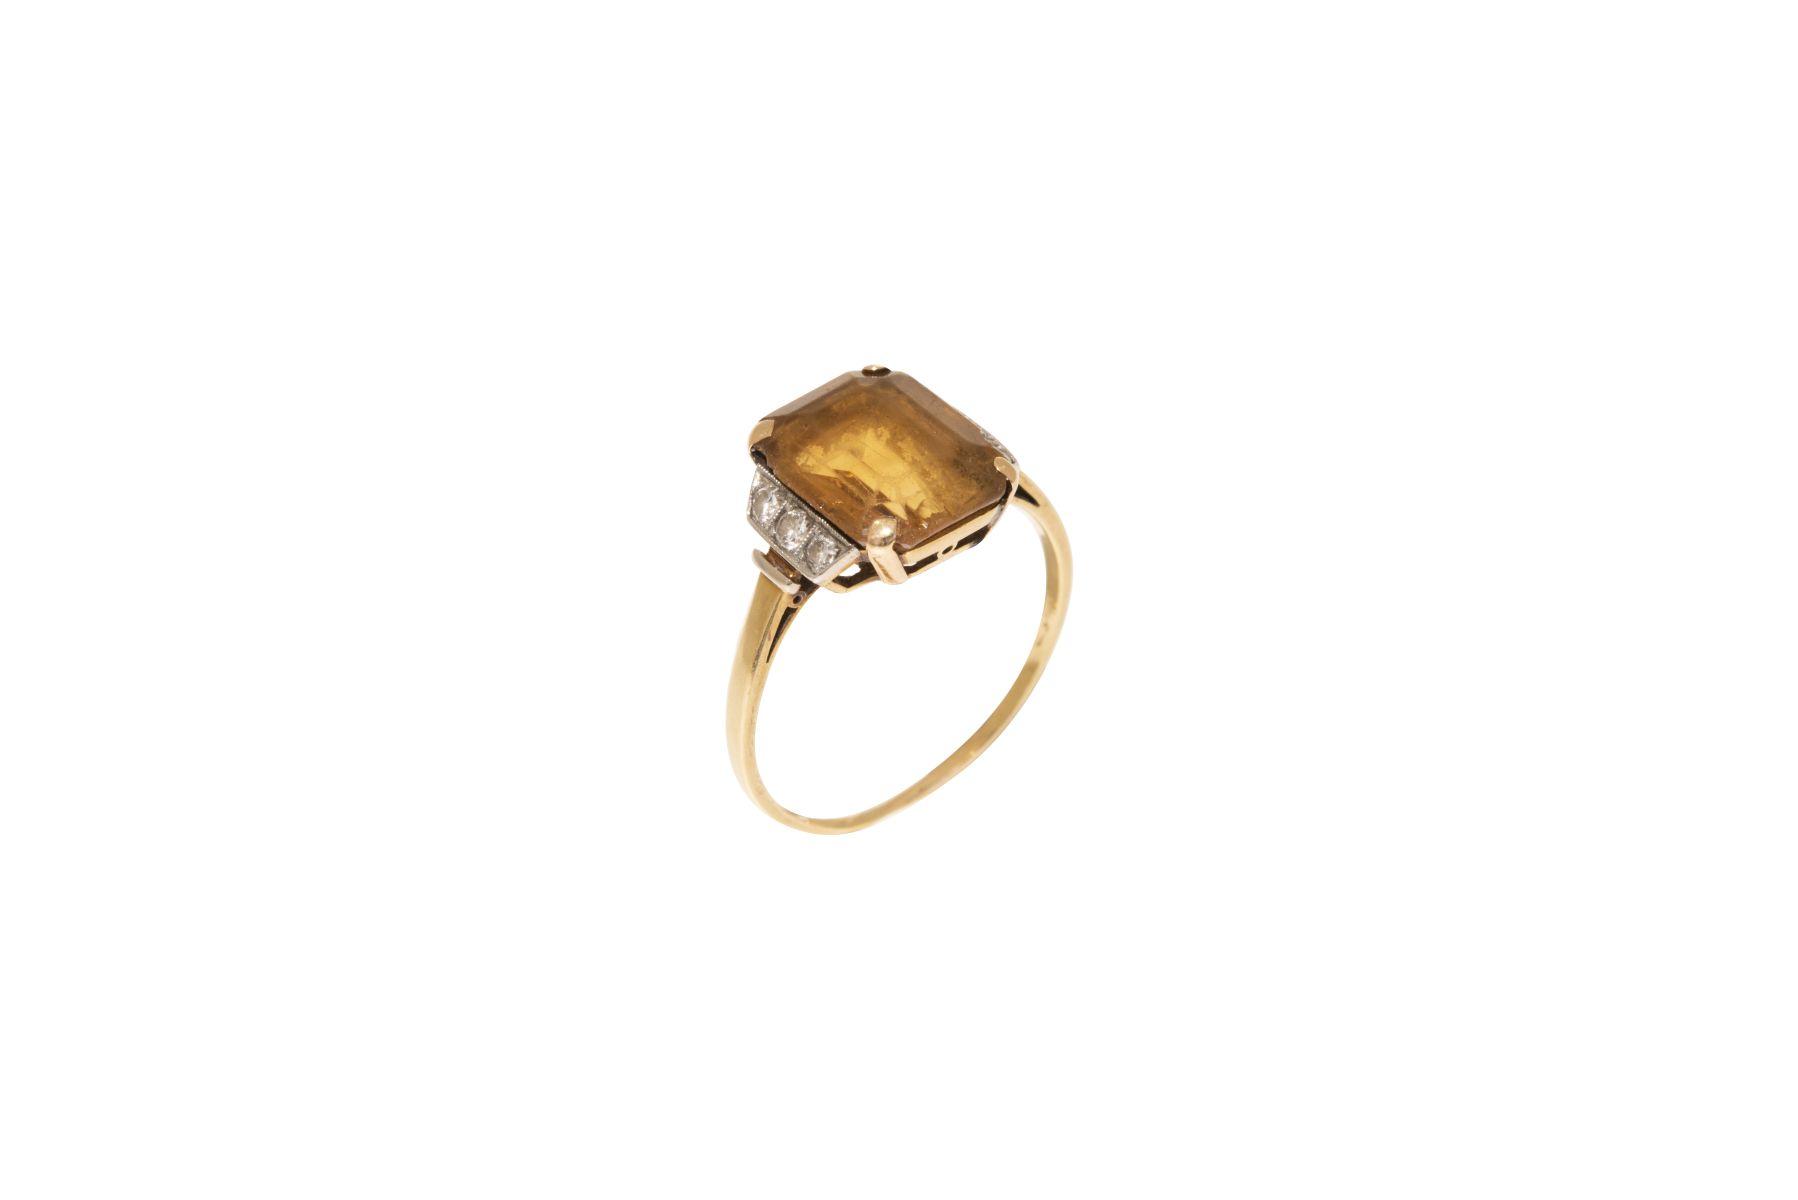 #197 Ring | Ring Image